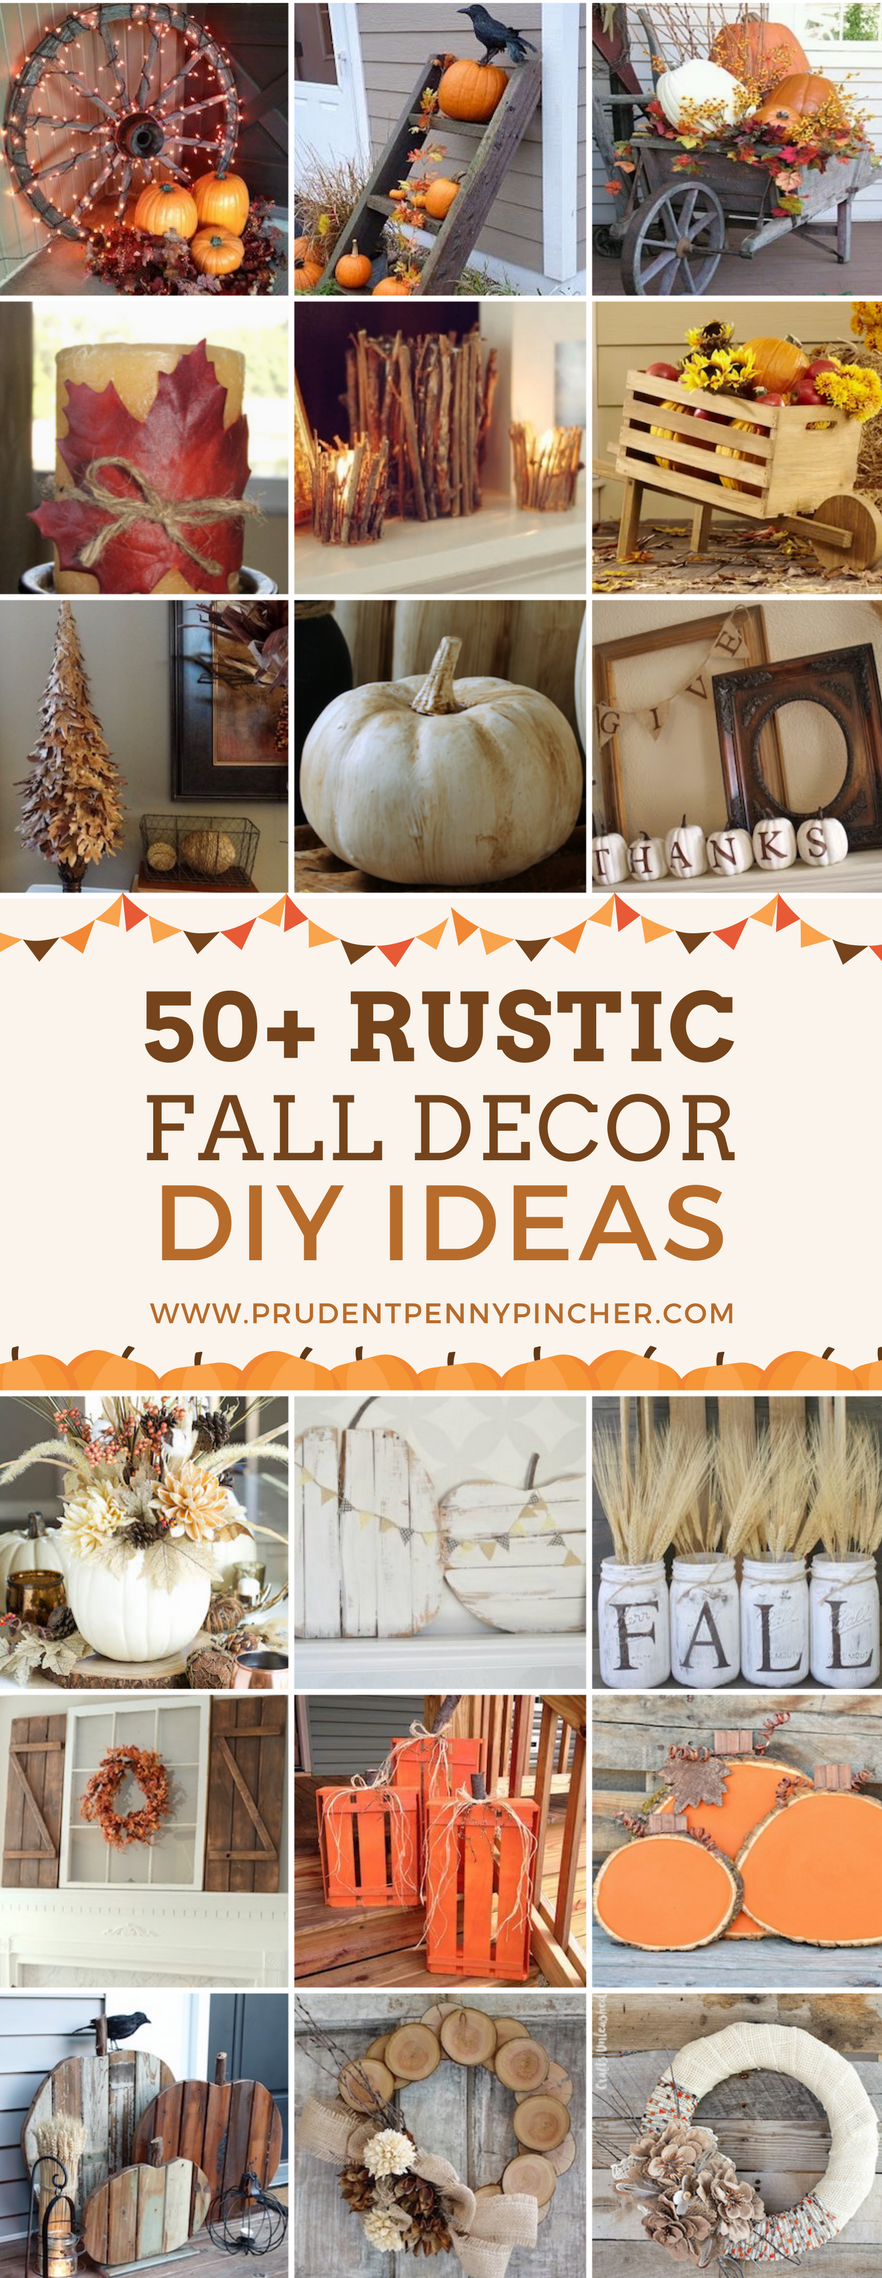 50 Rustic Fall Decor Ideas Rustic Fall Decor Fall Decor Fall Diy